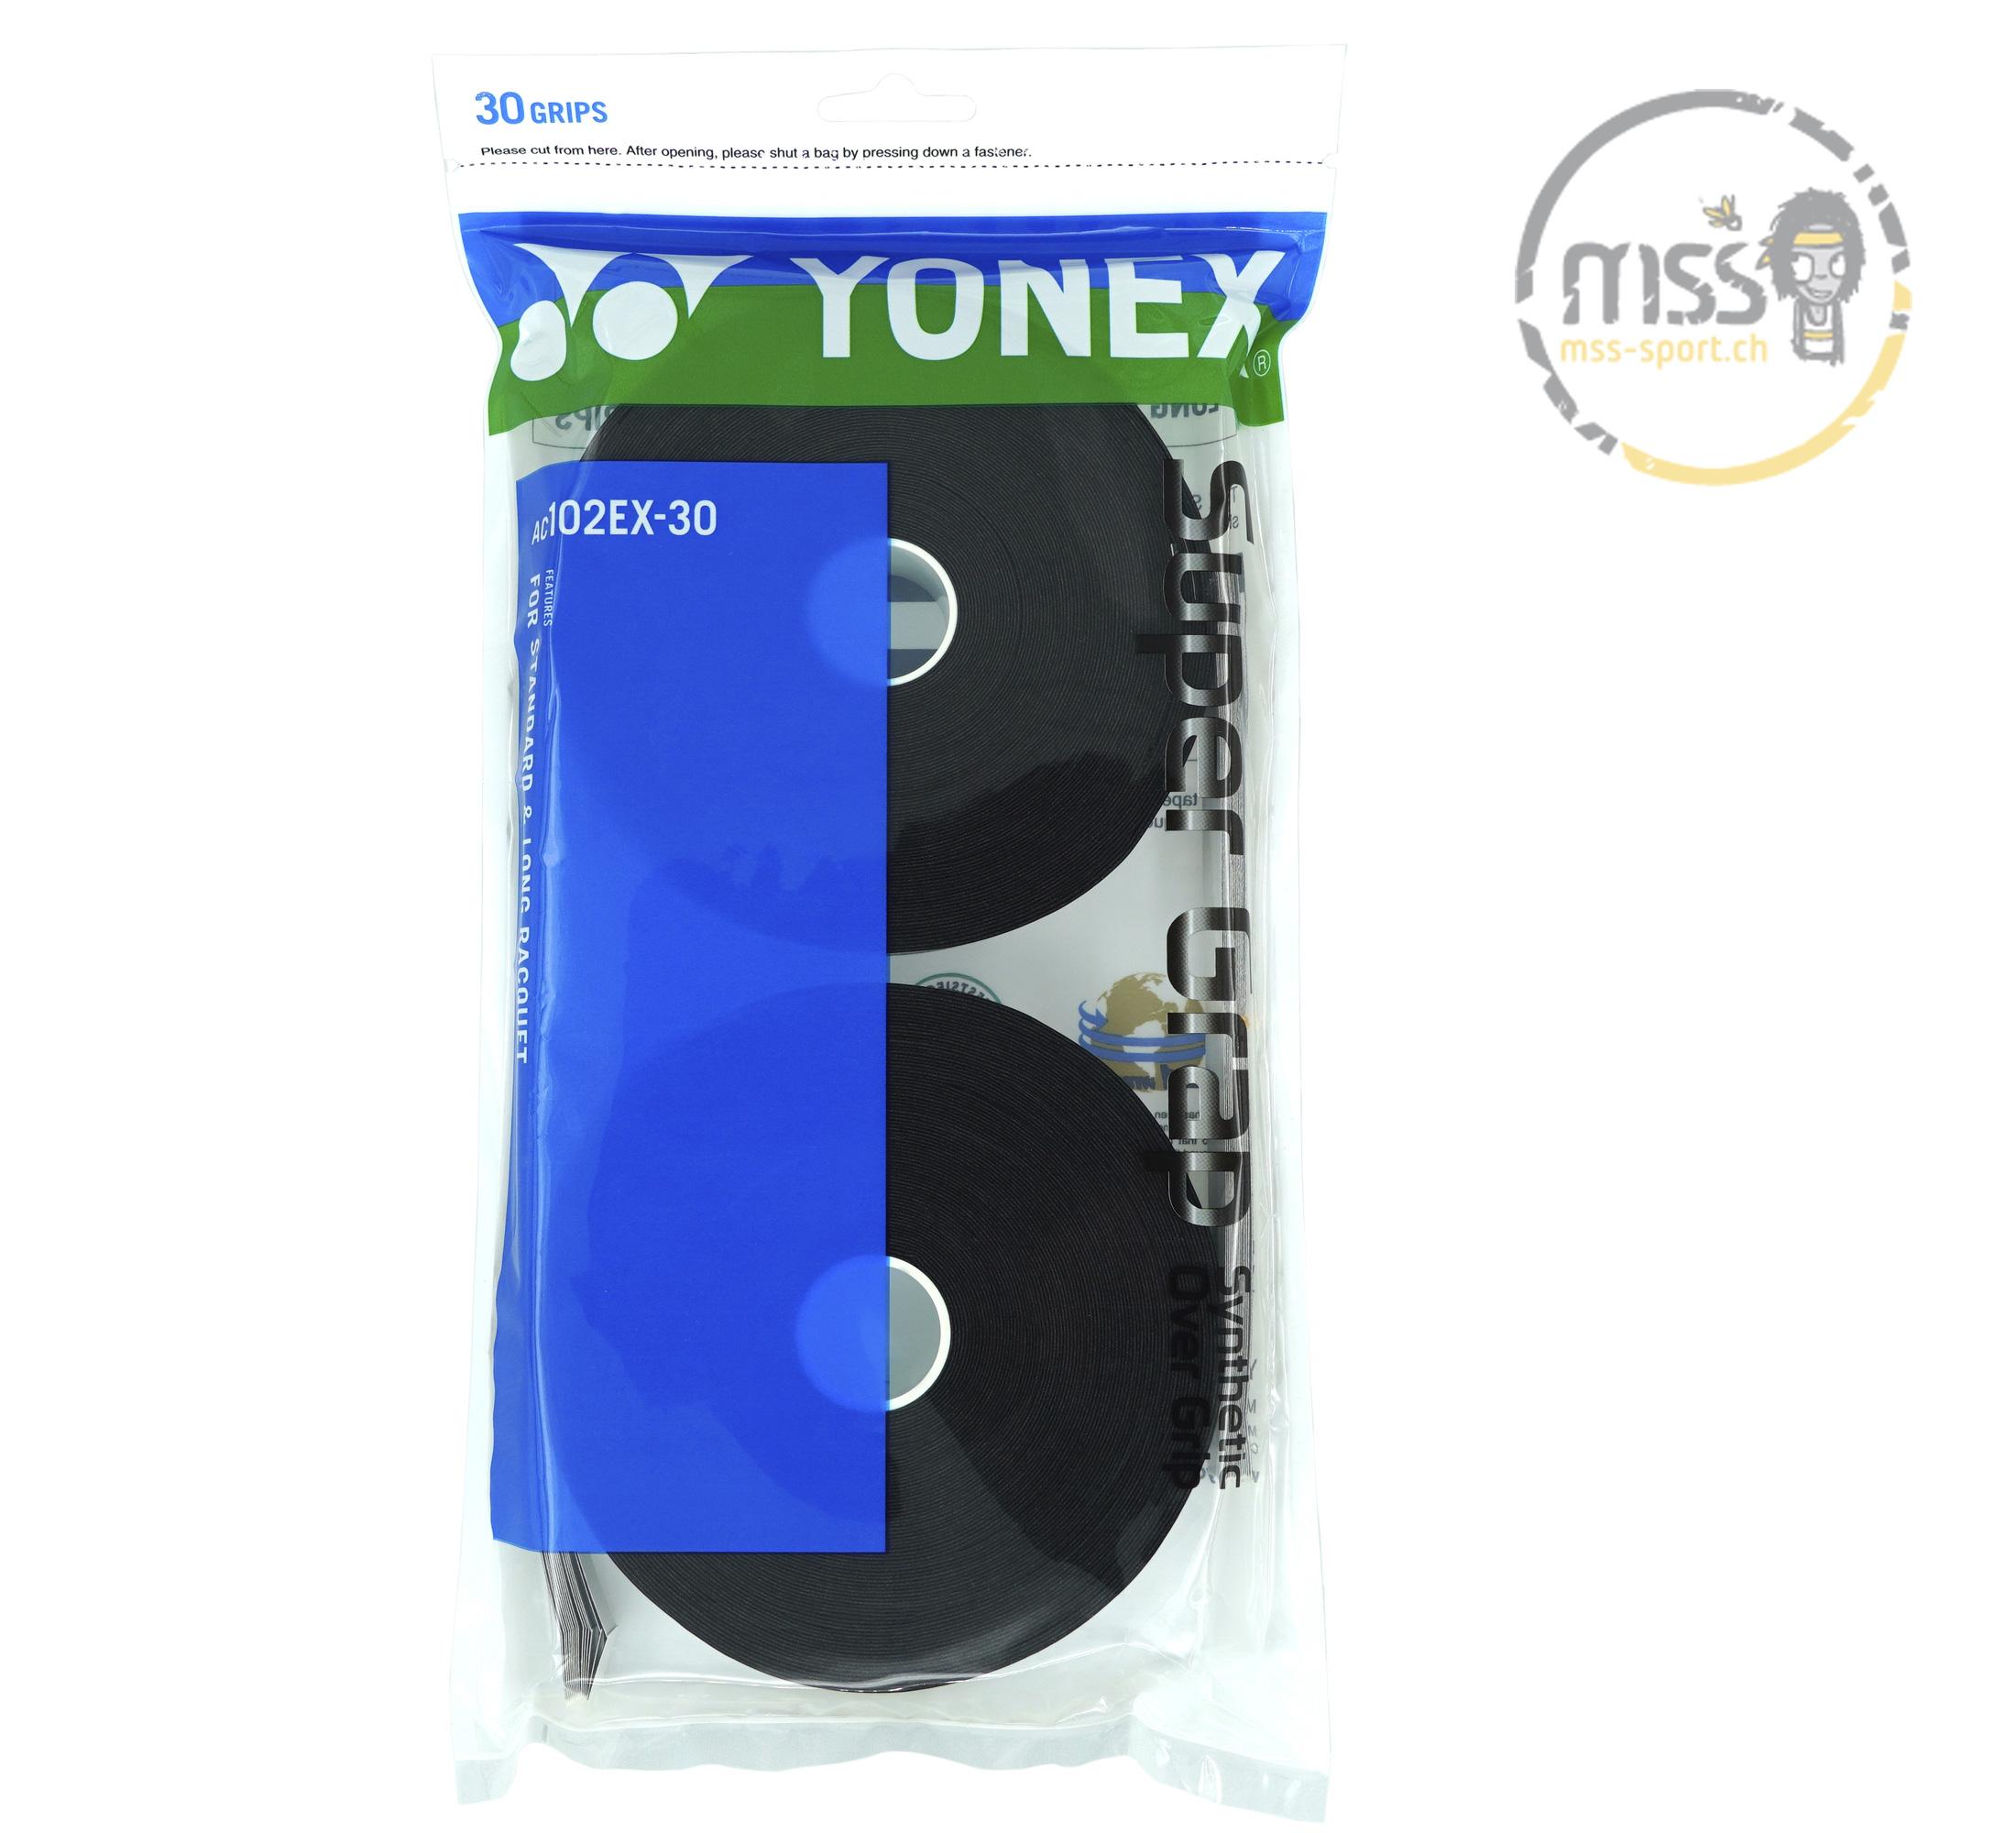 Yonex Super Grap AC102EX-30 black 30er